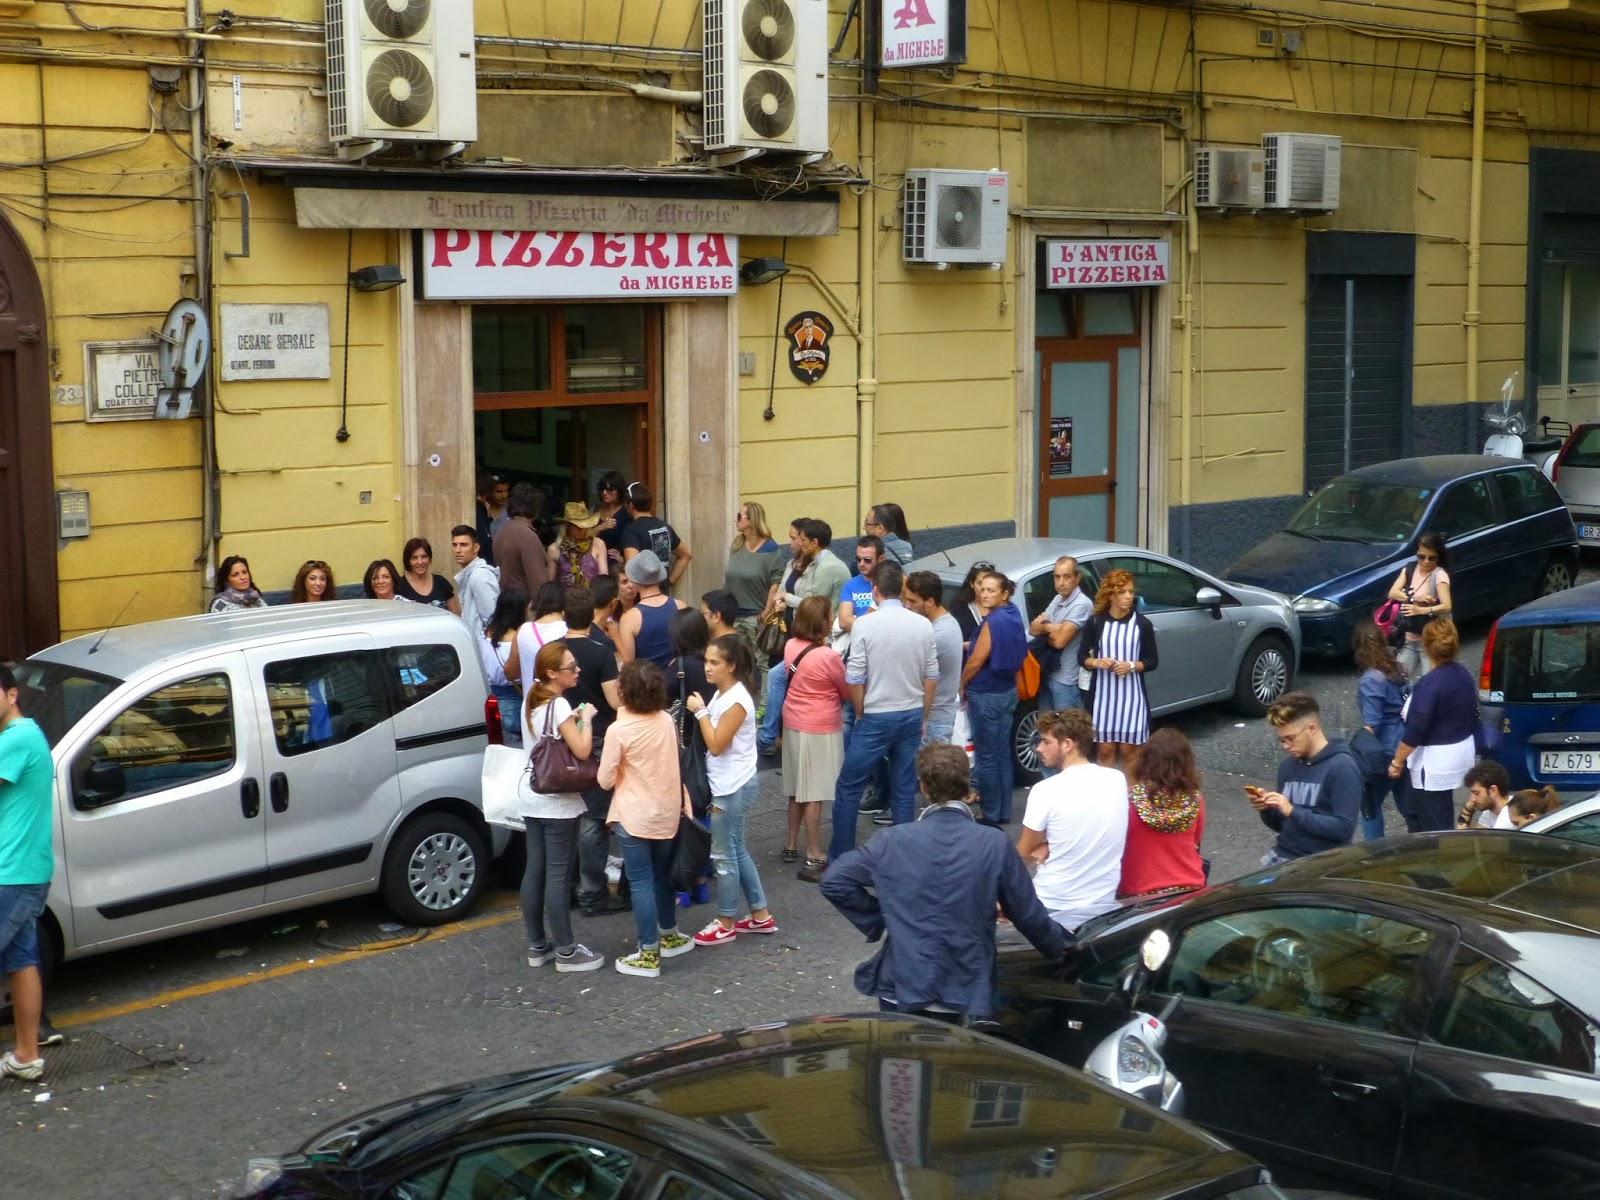 那不勒斯百年Pizza老店-Da Michele